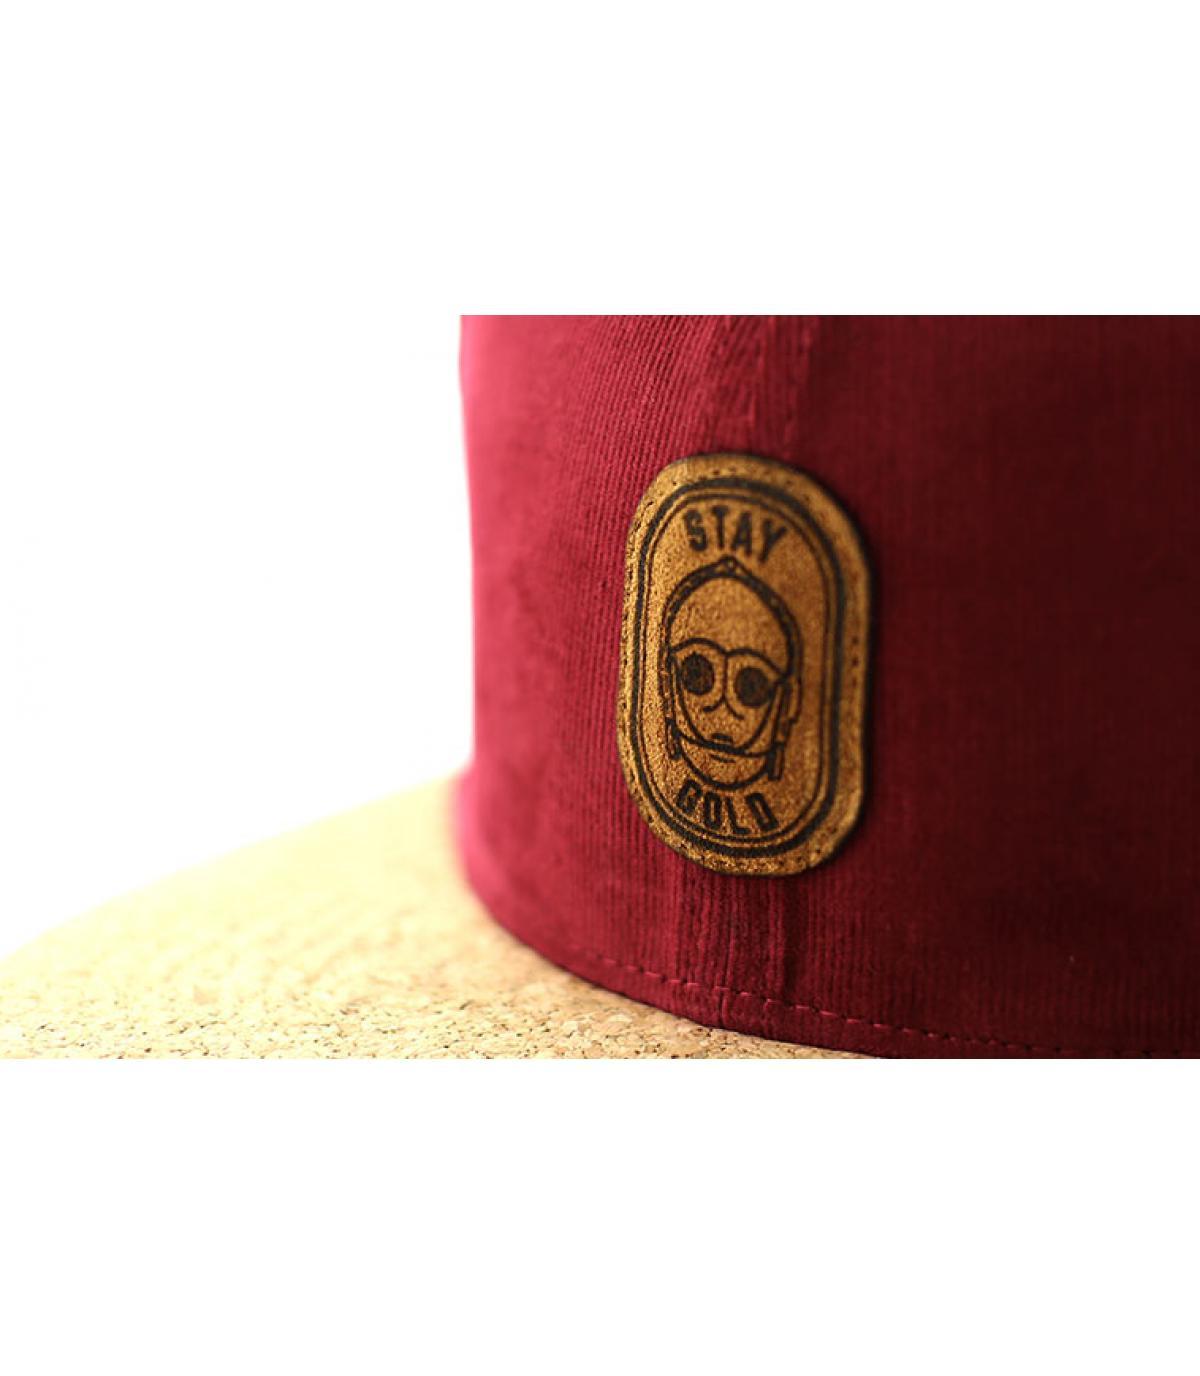 Details Snapback Stay Gold burgundy cork - afbeeling 3